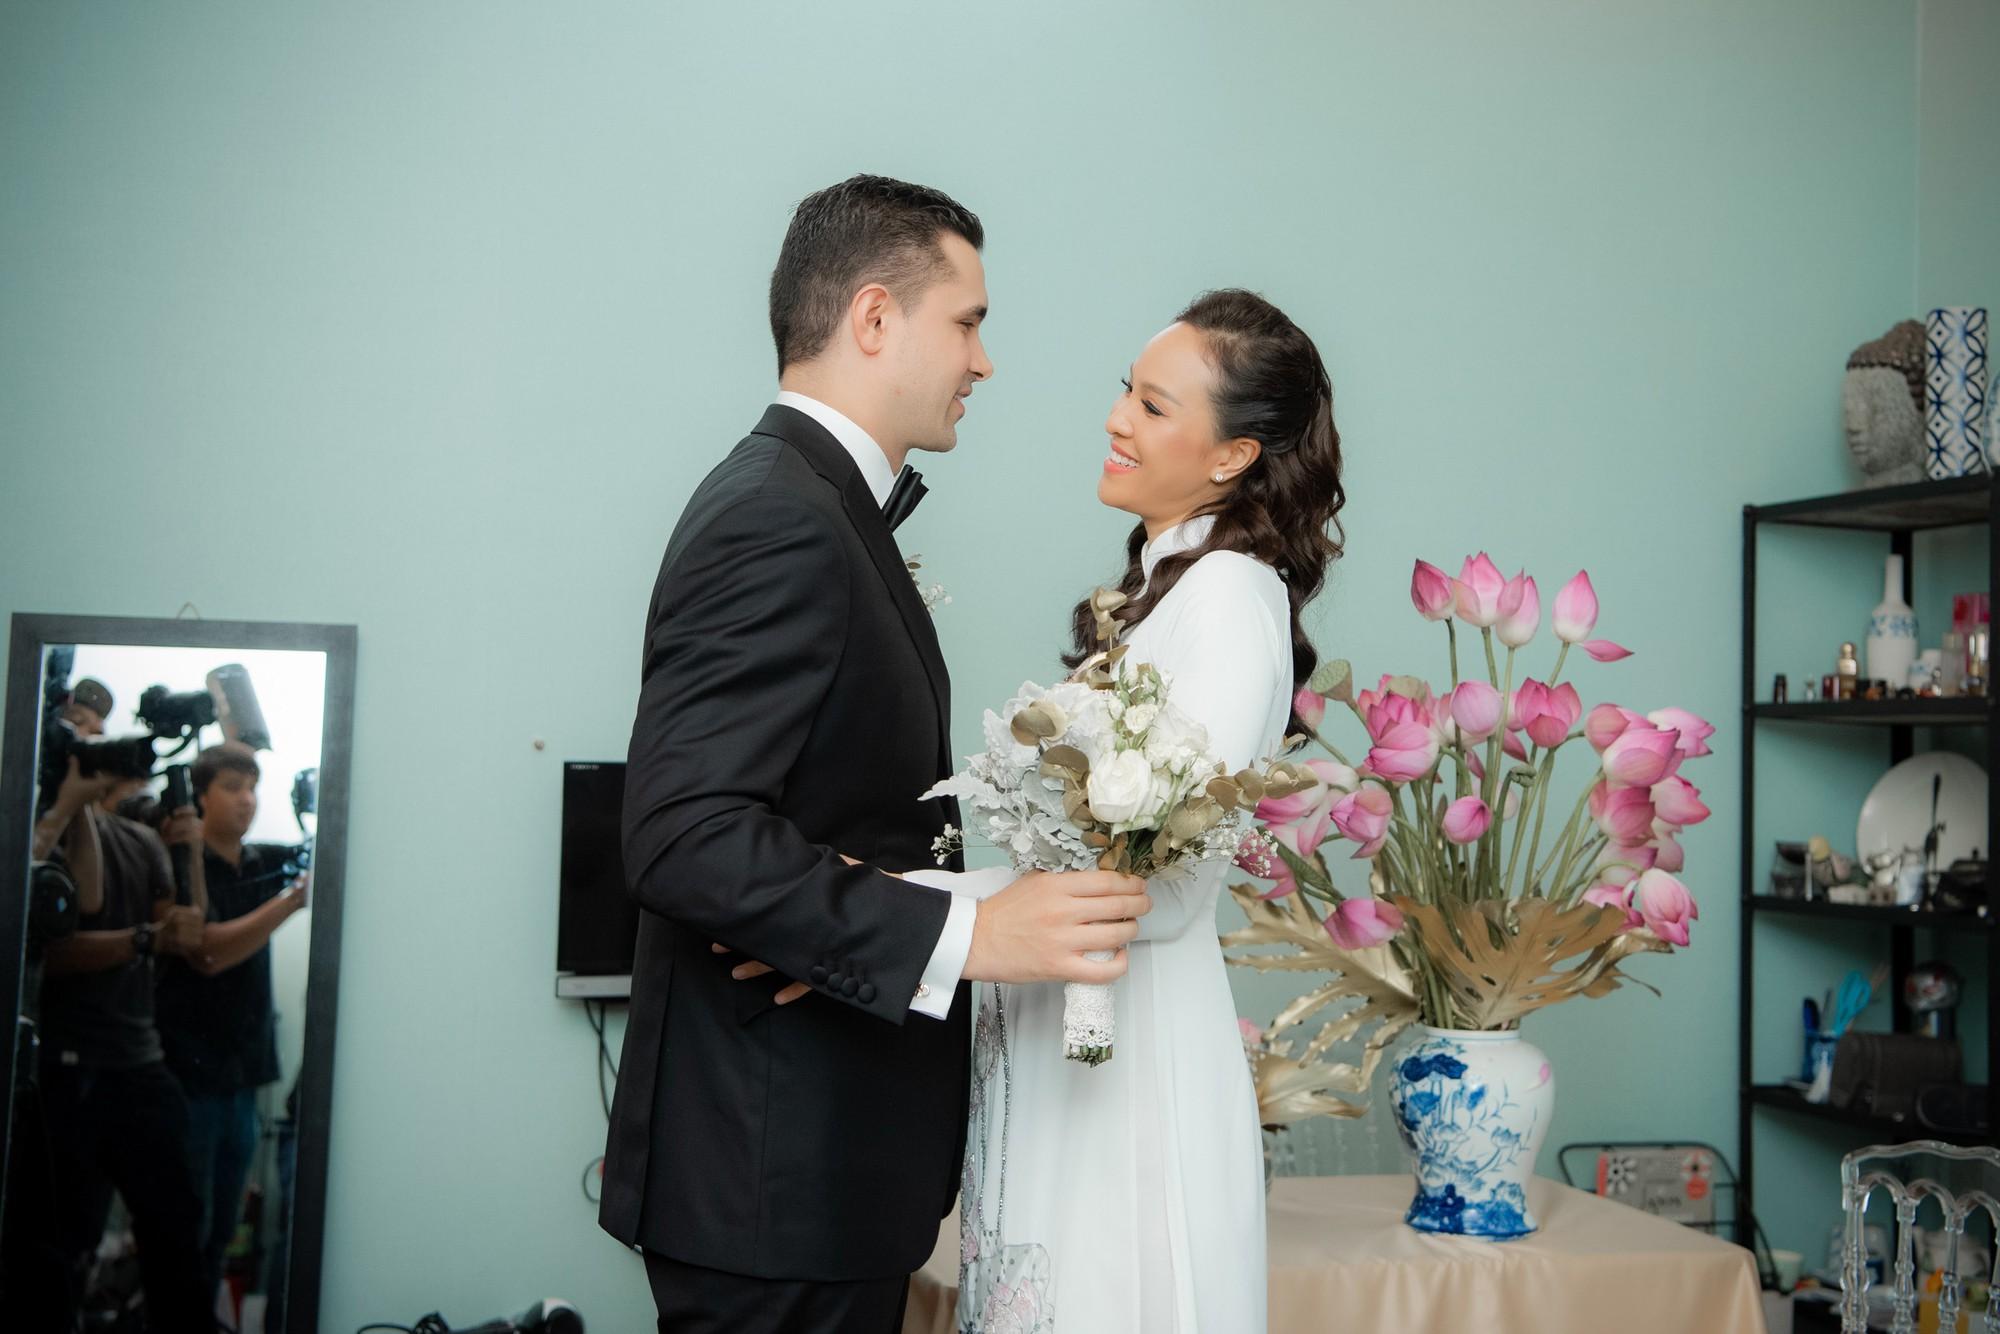 Toàn cảnh lễ đón dâu tại nhà phố cổ của siêu mẫu Phương Mai: Chú rể xuất hiện cùng đoàn xe sang, cô dâu òa khóc ôm chặt mẹ ruột-5